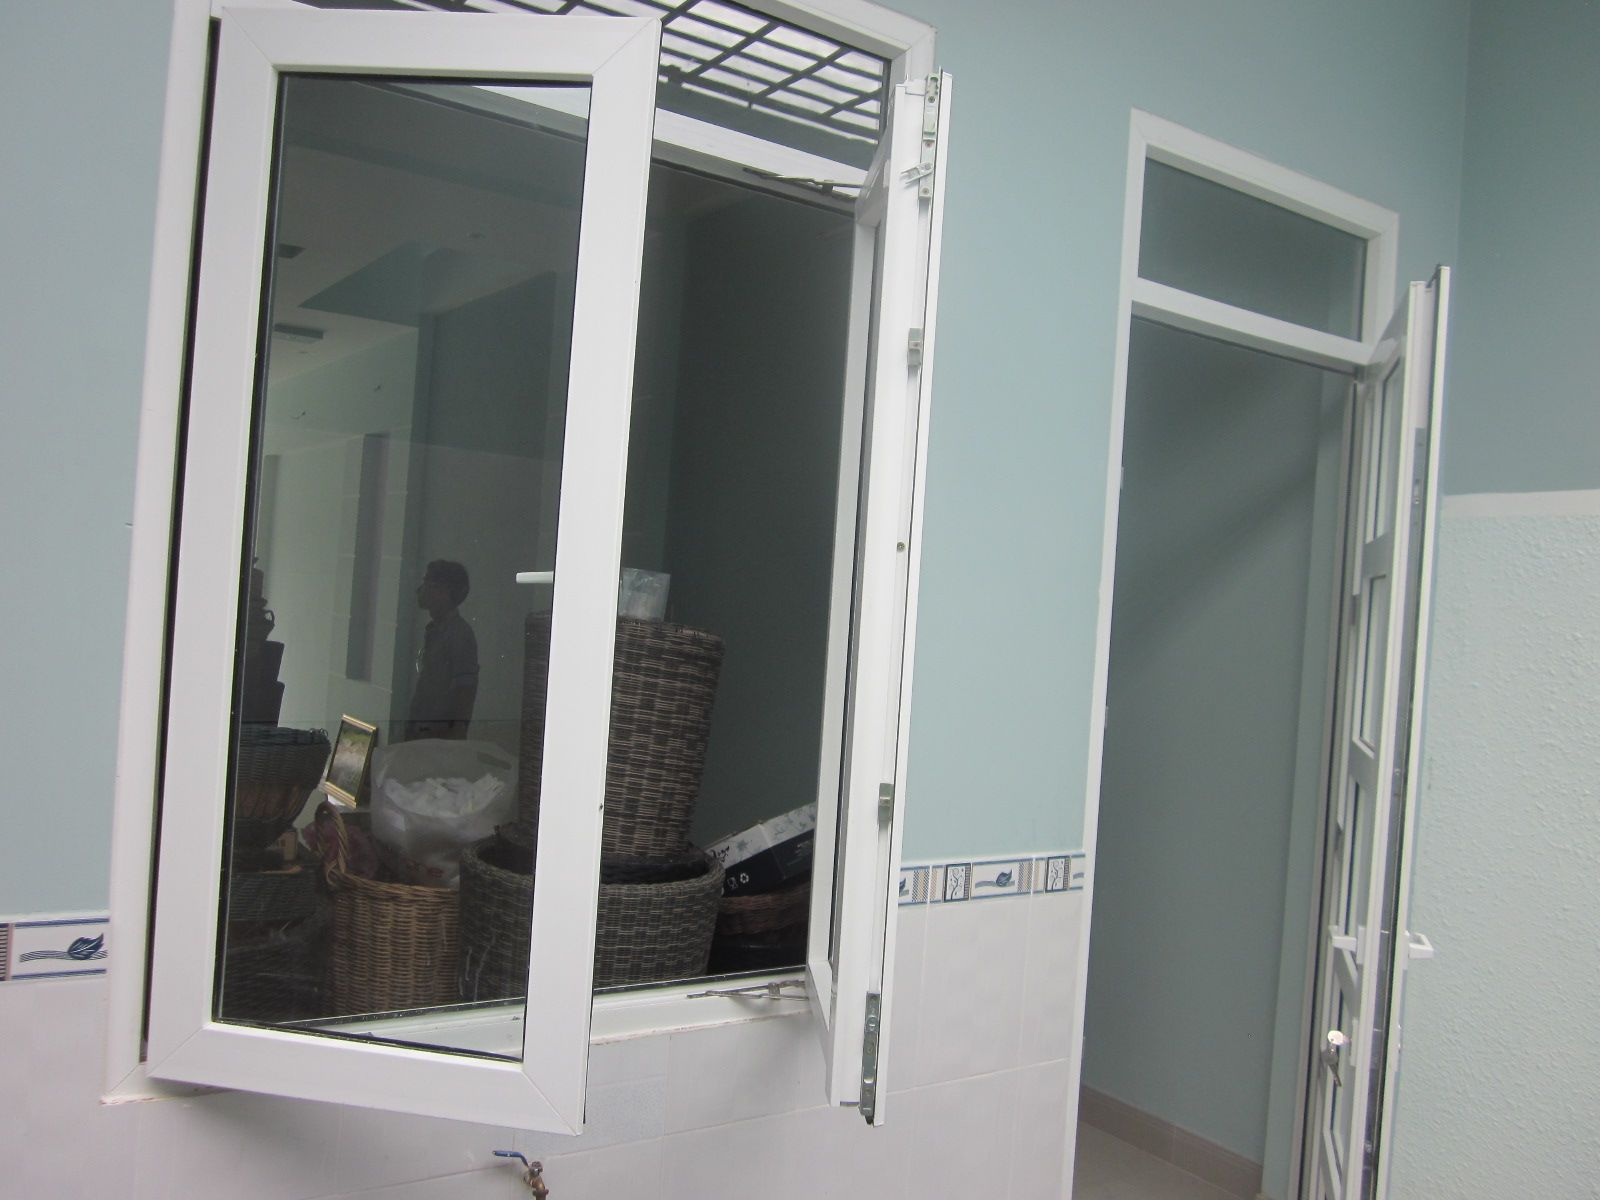 Cửa sổ 3a window 2 cánh giữa mở quay 2 cánh ngoài